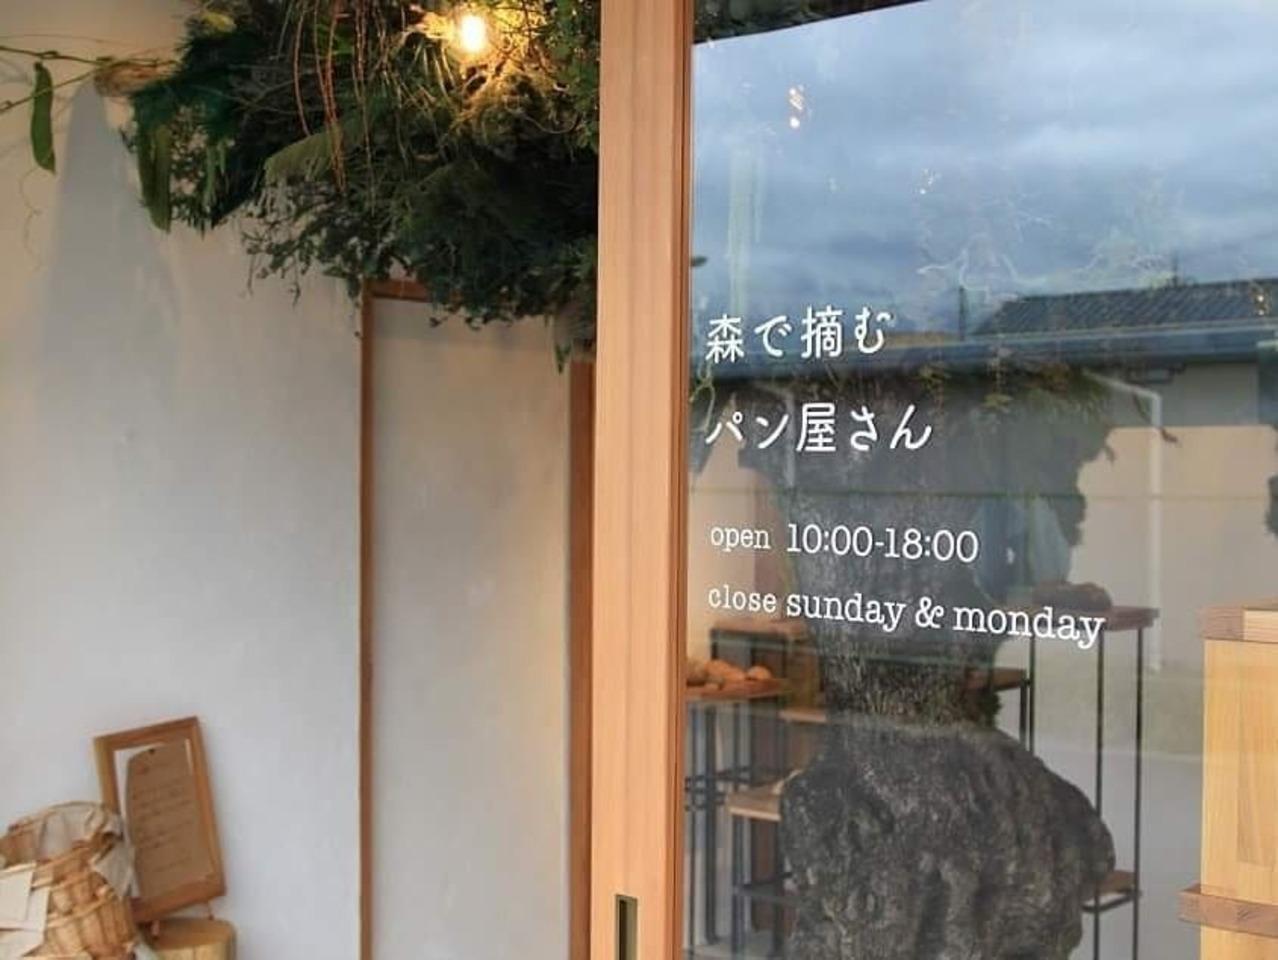 祝!10/1移転open『ベーカリープラスありのまんま』パン屋(奈良県奈良市)